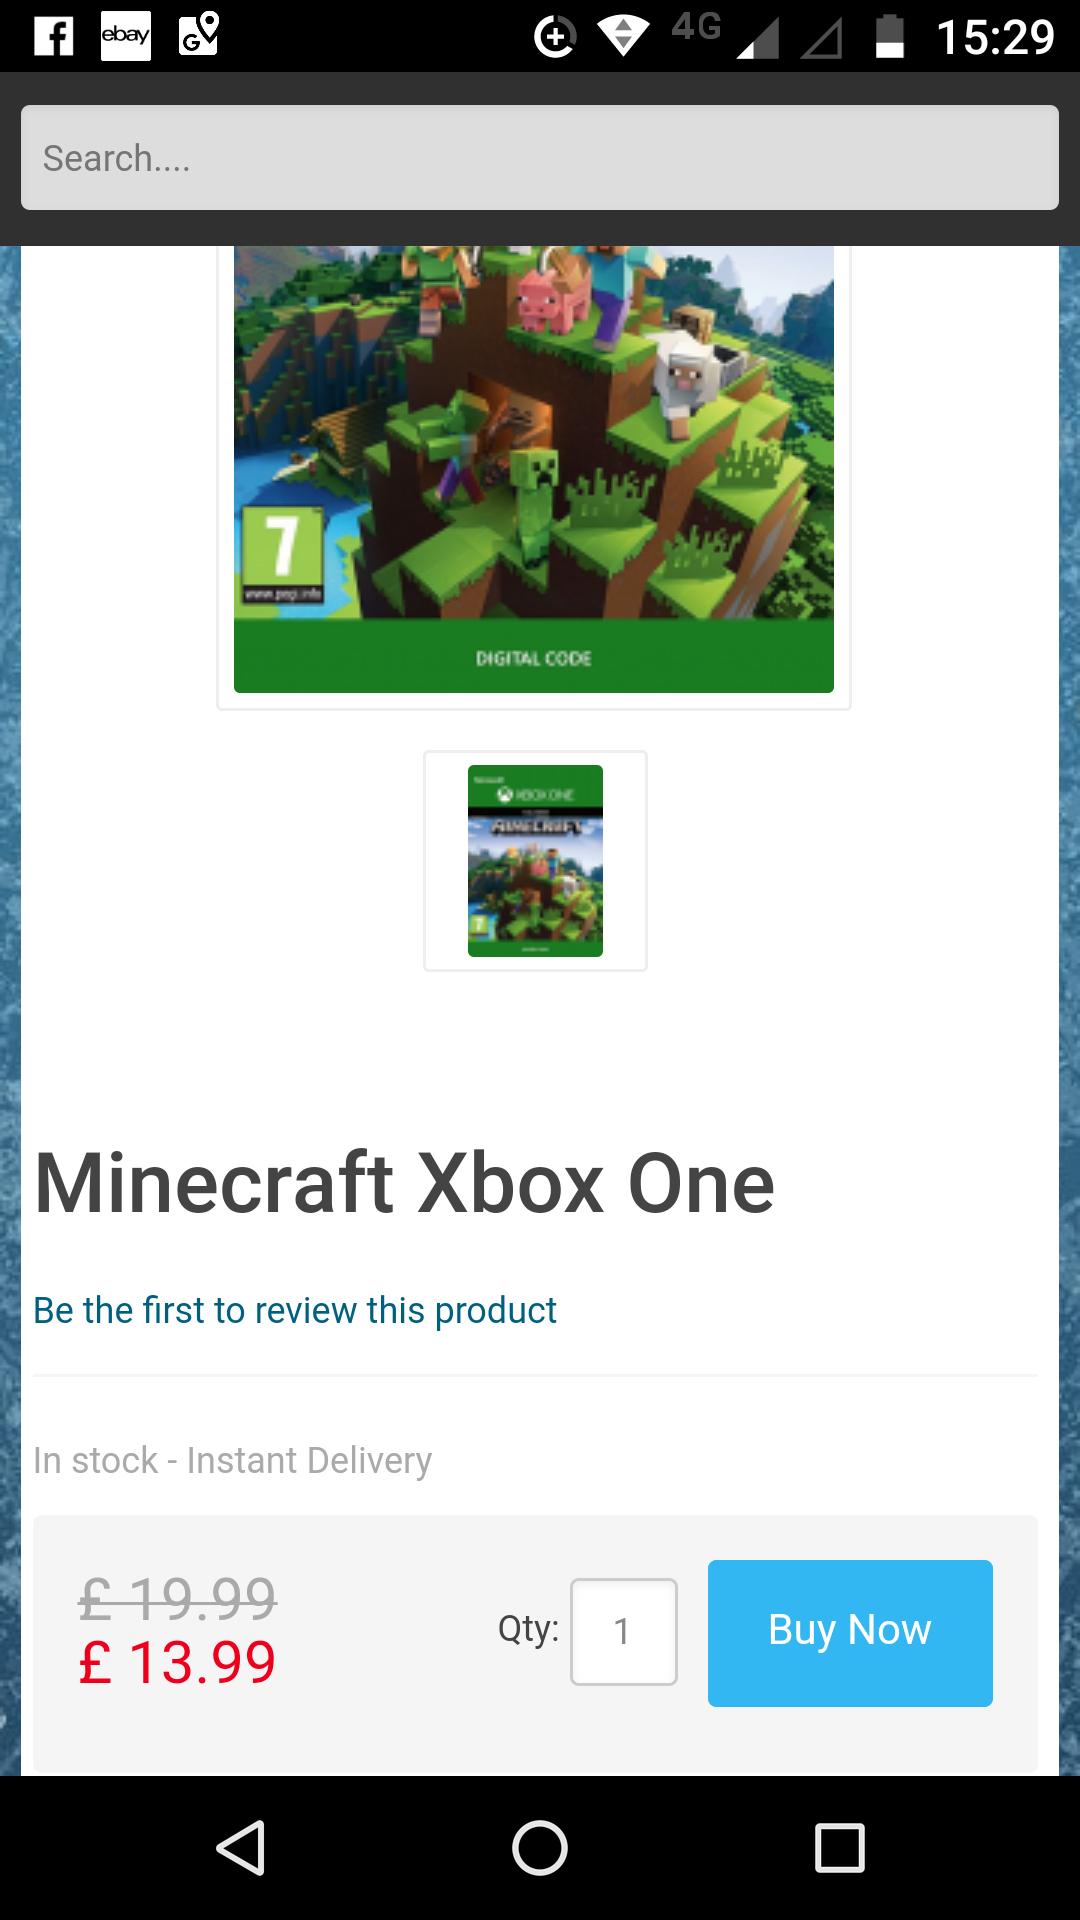 Minecraft Xbox One (digital) at CDKeys for £13.99